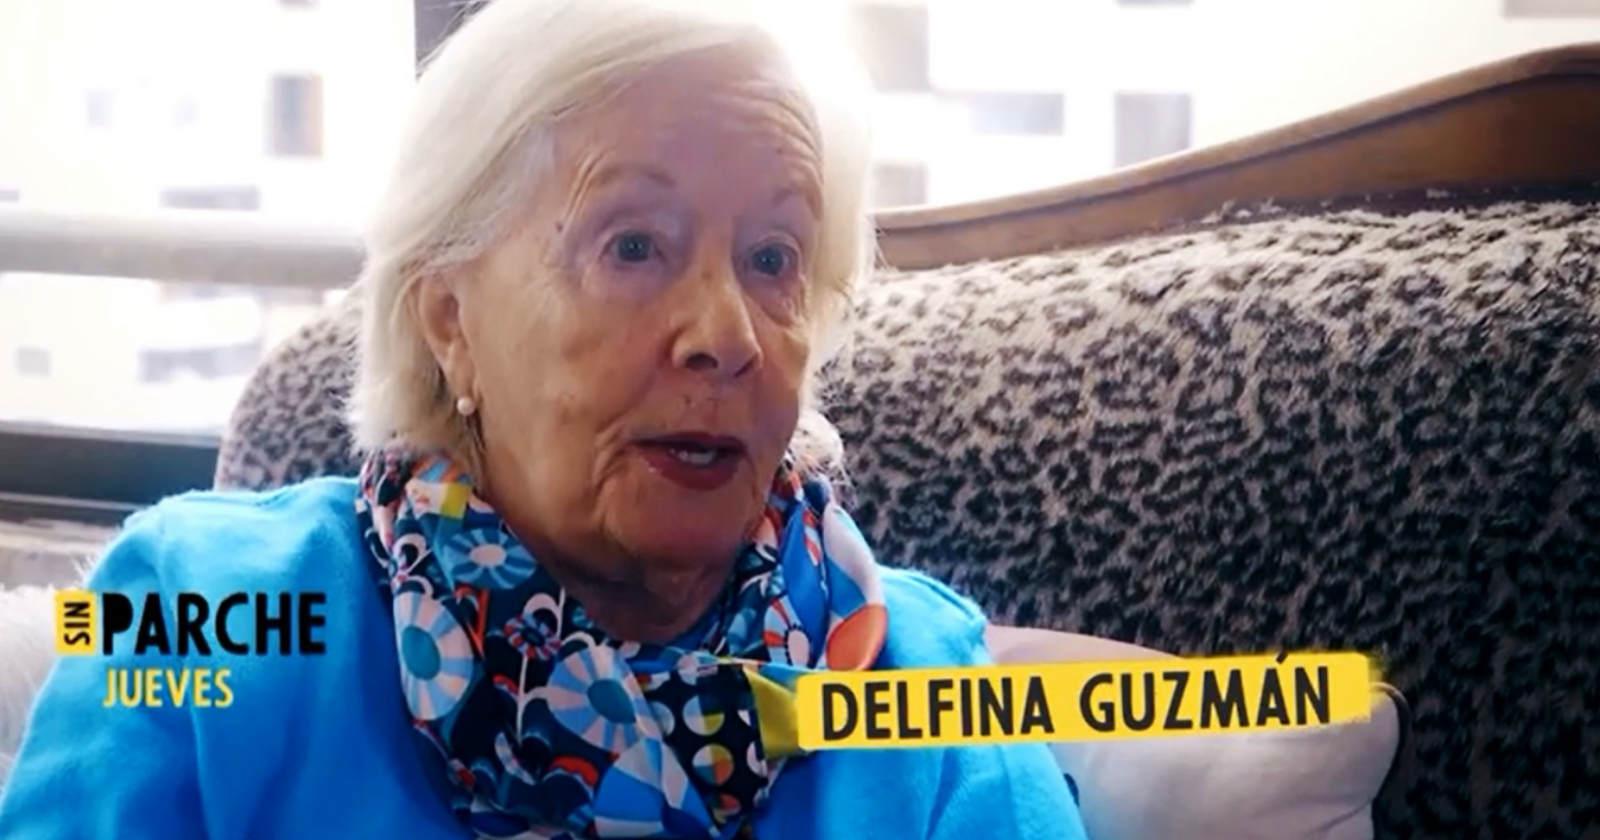 Sin Parche de TVN volvió a liderar en sintonía con entrevista a Delfina Guzmán